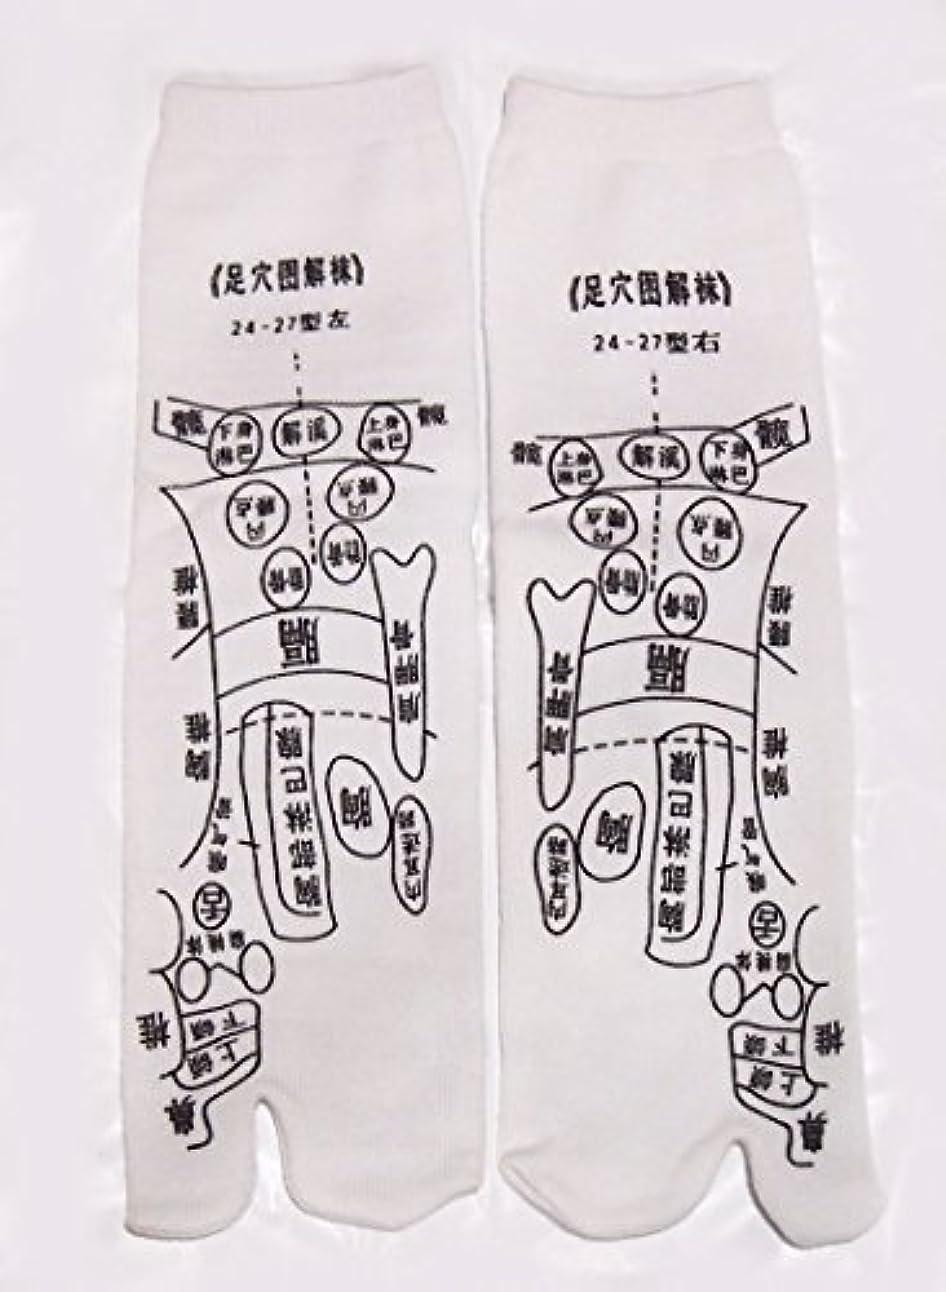 小川手配する策定する足っほ靴下 足裏つぼ靴下 足ツボソックス 反射区 プリント くつした ツボ押しやすい 22~26センチ 字は中国語